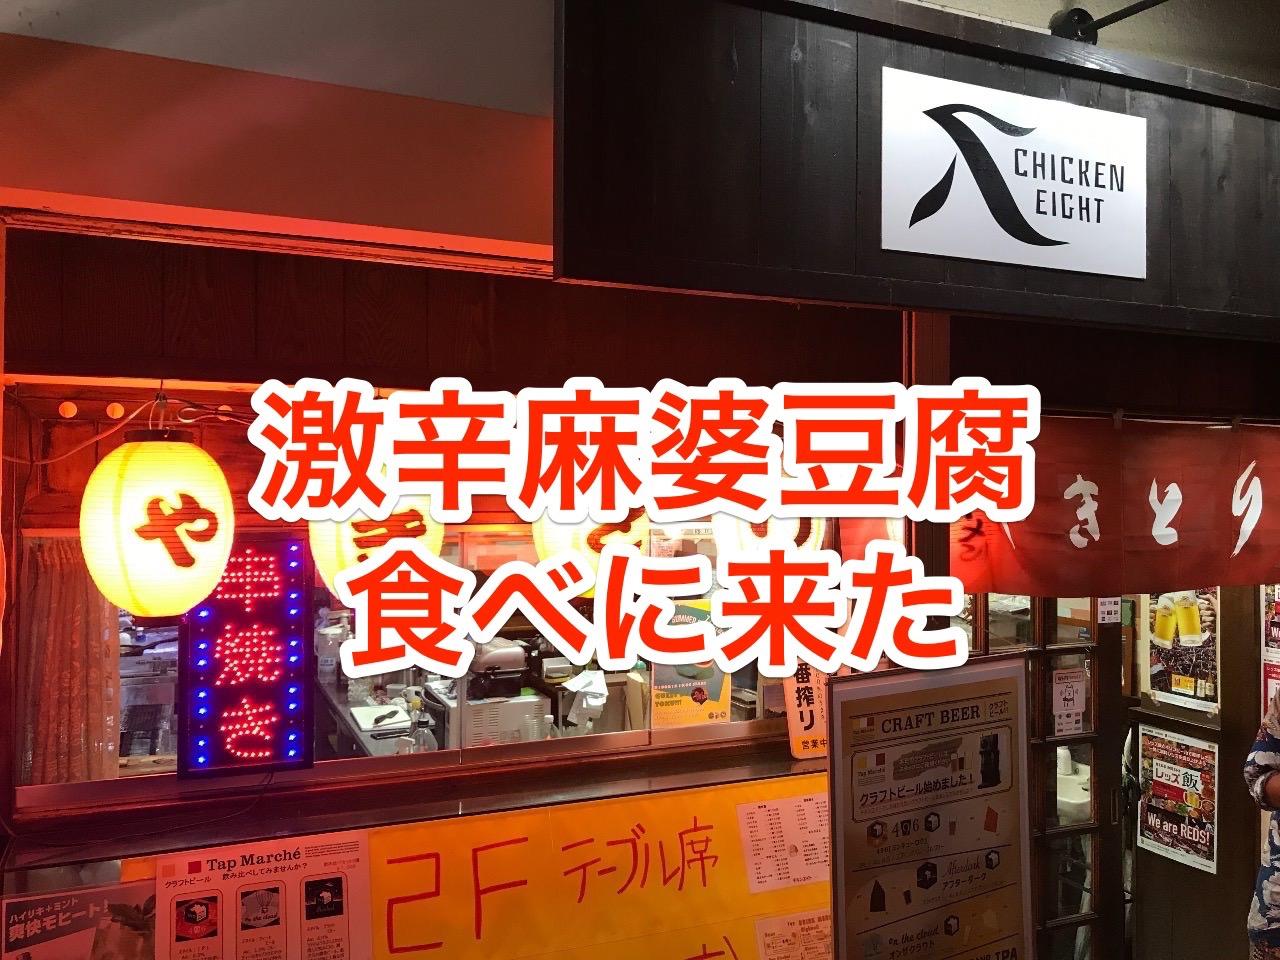 「チキンエイト」甘みがクセになる激辛麻婆豆腐の食べられる焼鳥屋(浦和)